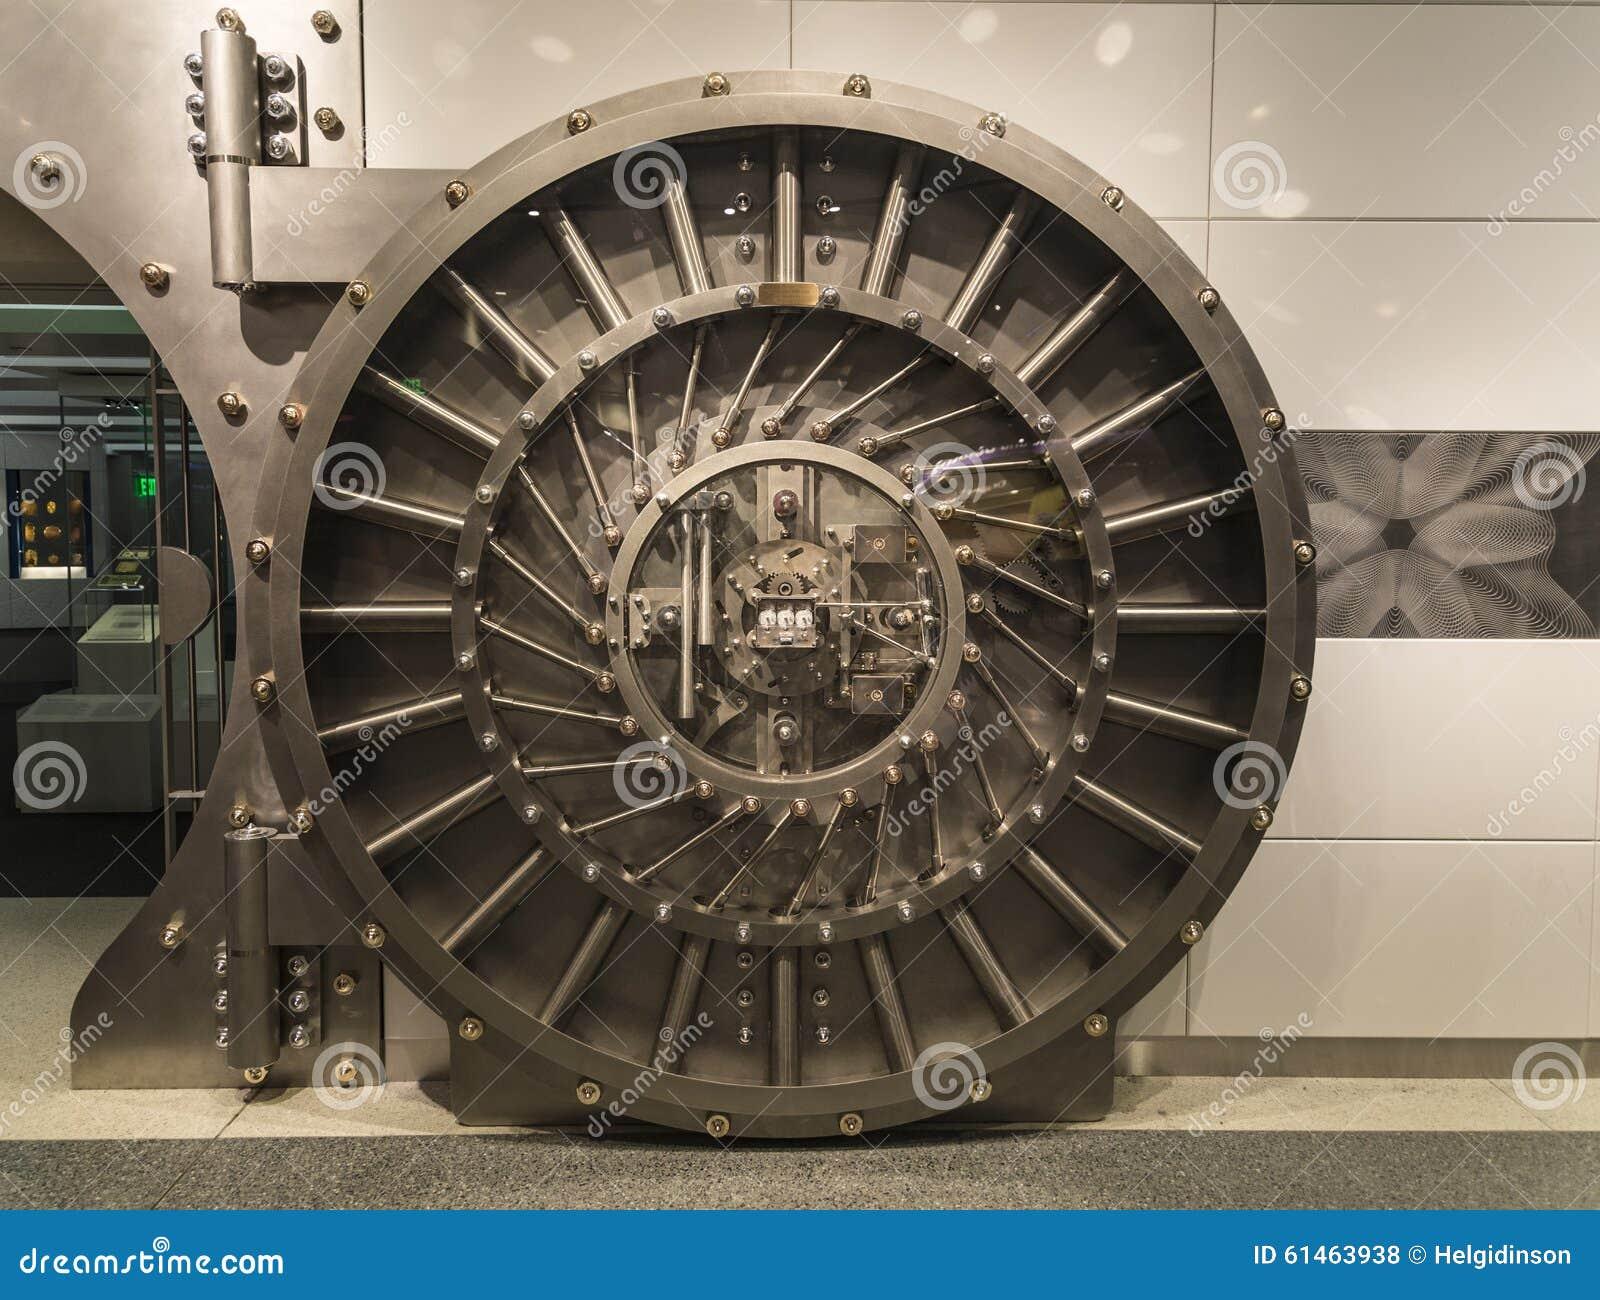 royaltyfree stock photo download vault door